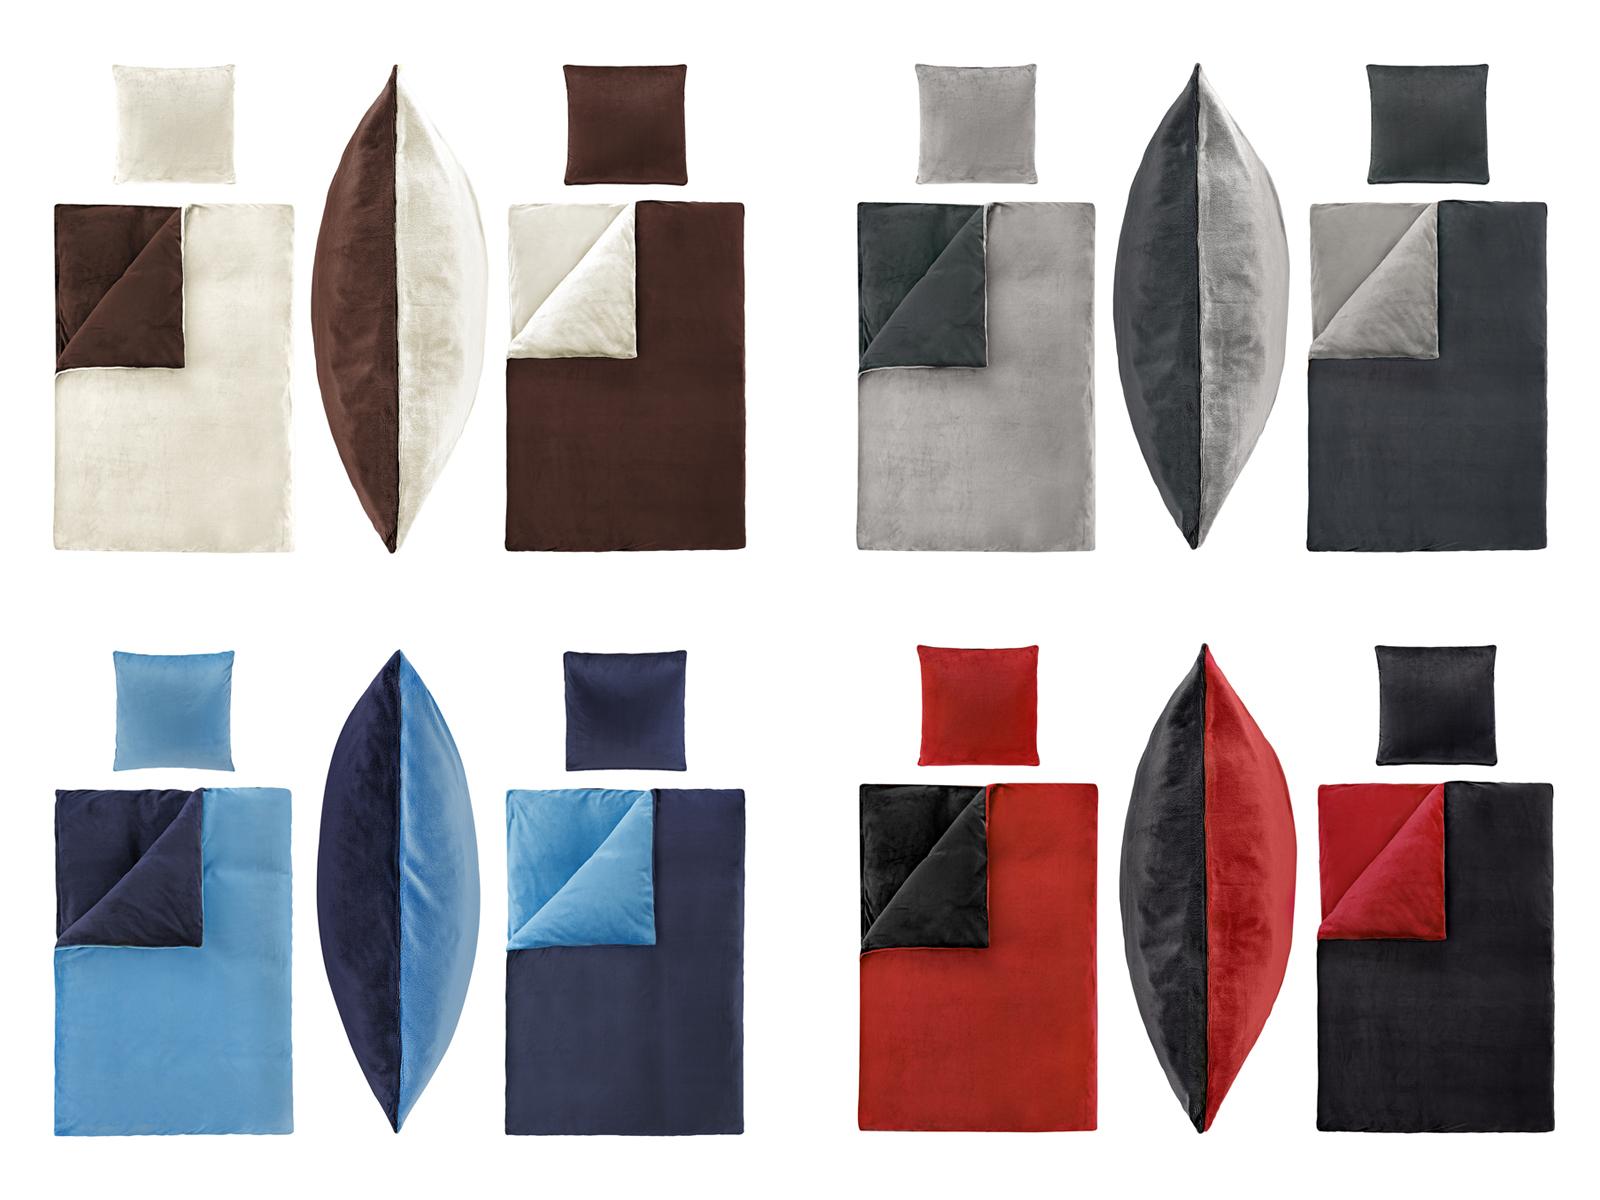 uni wende bettw sche nicky teddy cashmere touch pl sch. Black Bedroom Furniture Sets. Home Design Ideas